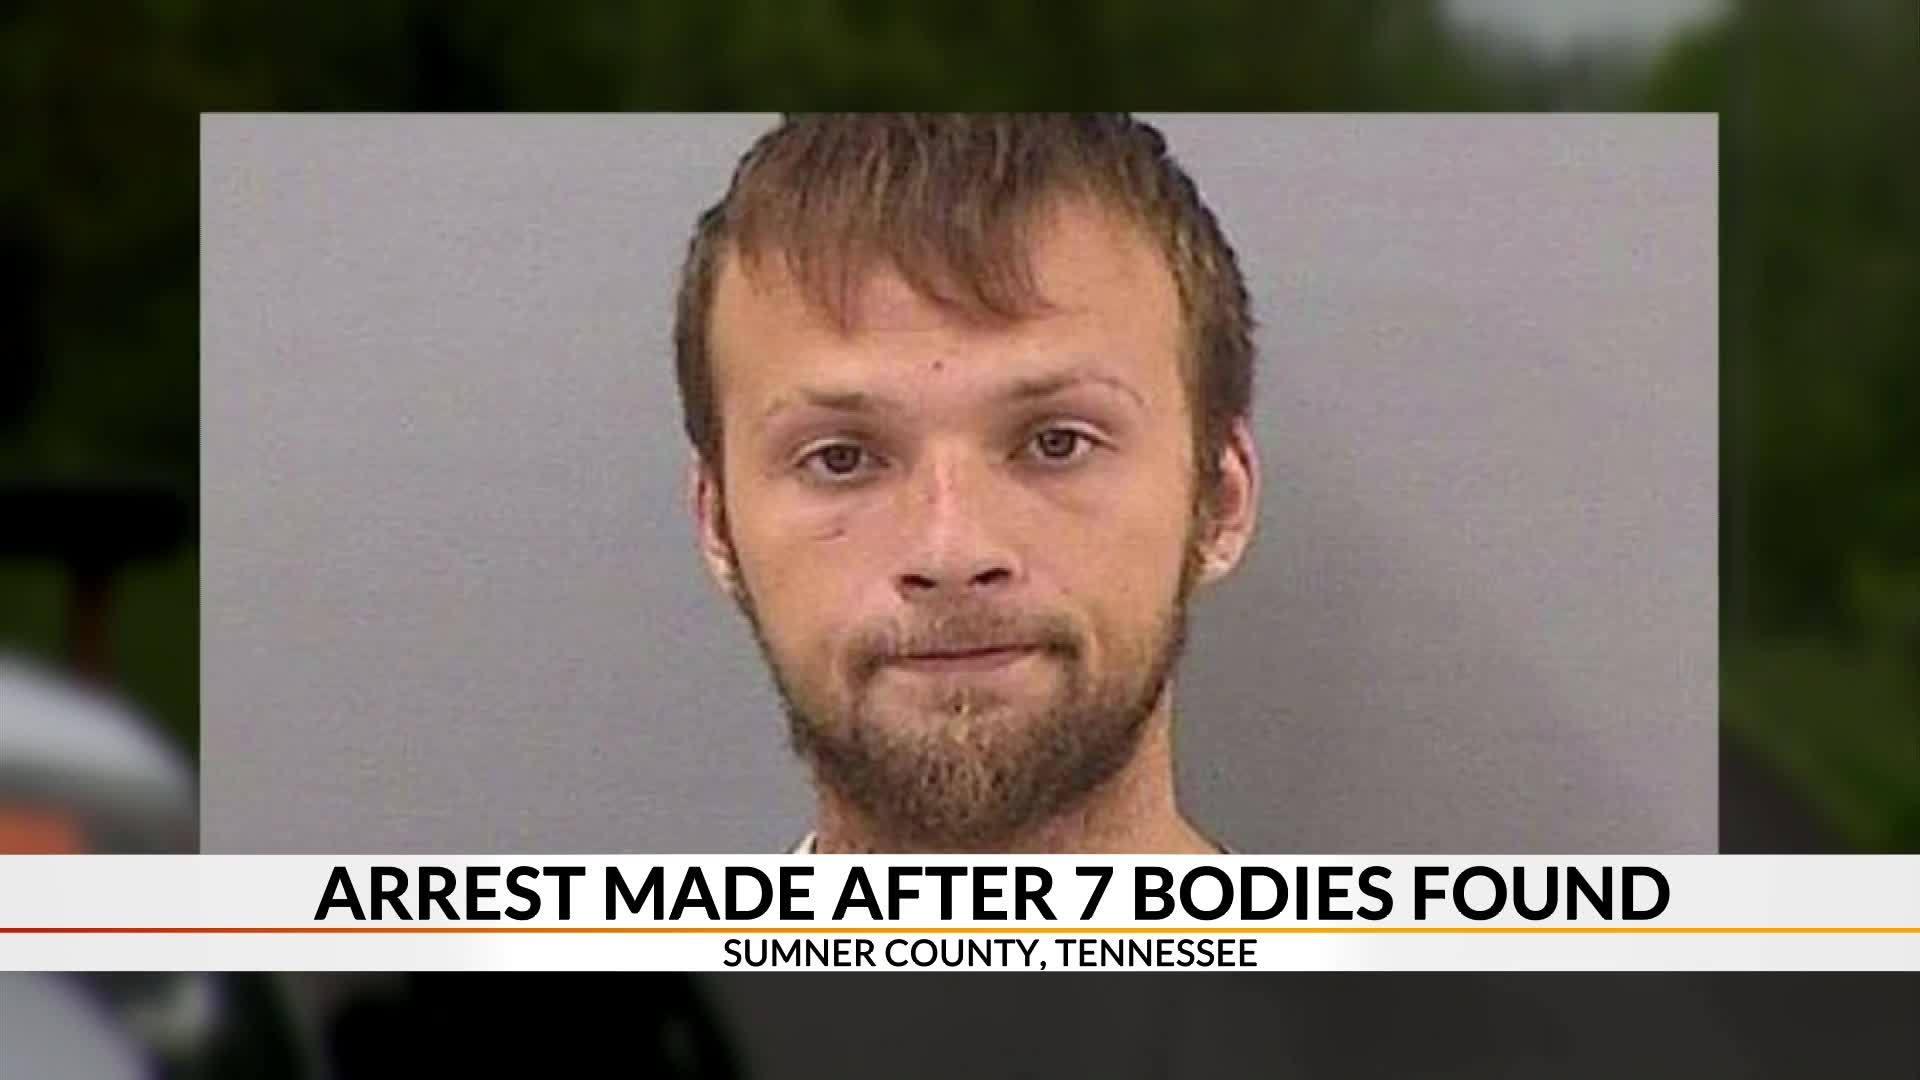 Arrest_made_after_7_bodies_found_in_Tenn_6_20190429092645